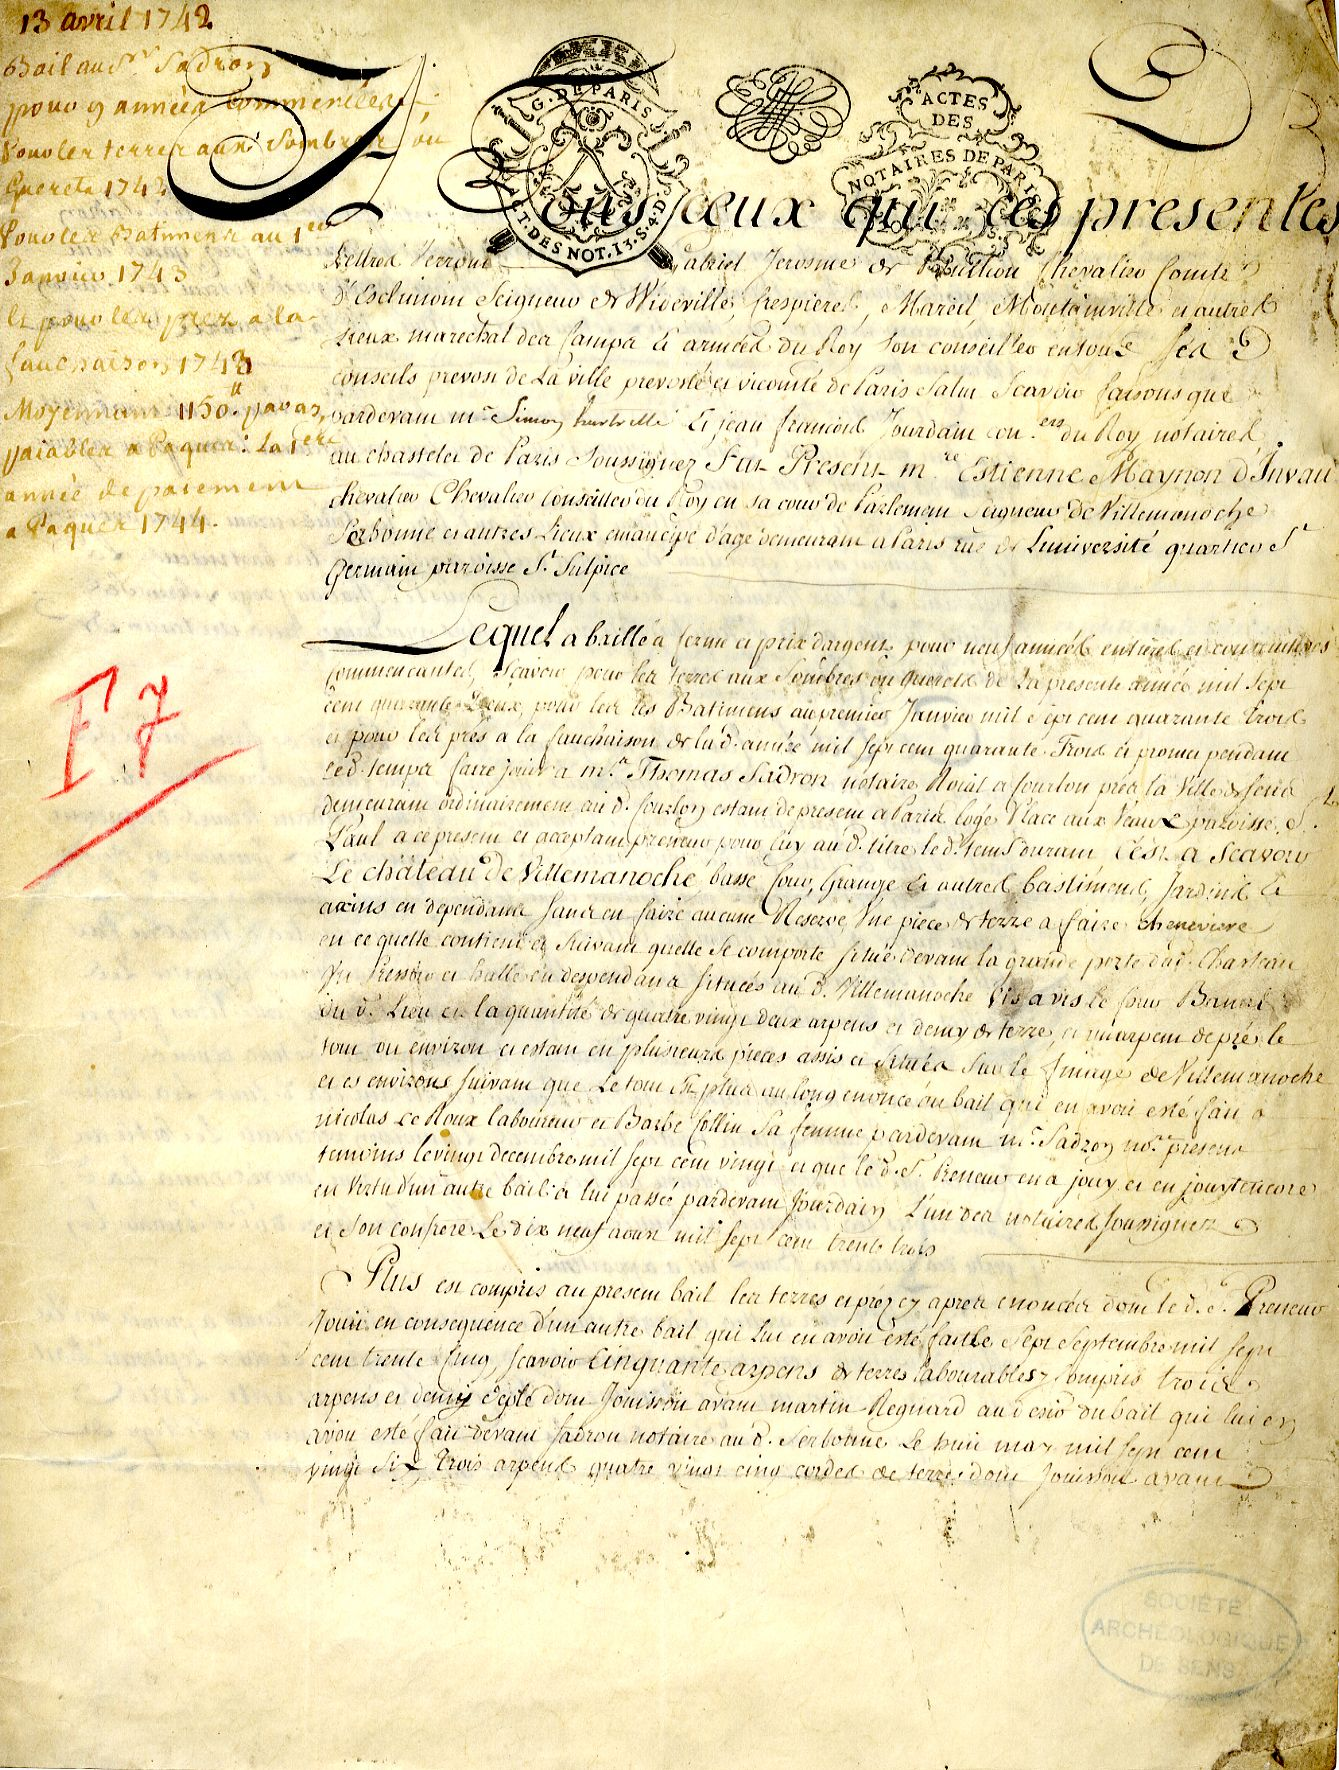 Acte notarié daté, manuscrit sur parchemin, concernant les terres du château de Villemanoche (1742) (Bibliothèque - documentation du Cerep-Musées de Sens) http://www.bibliotheques-sens.fr/